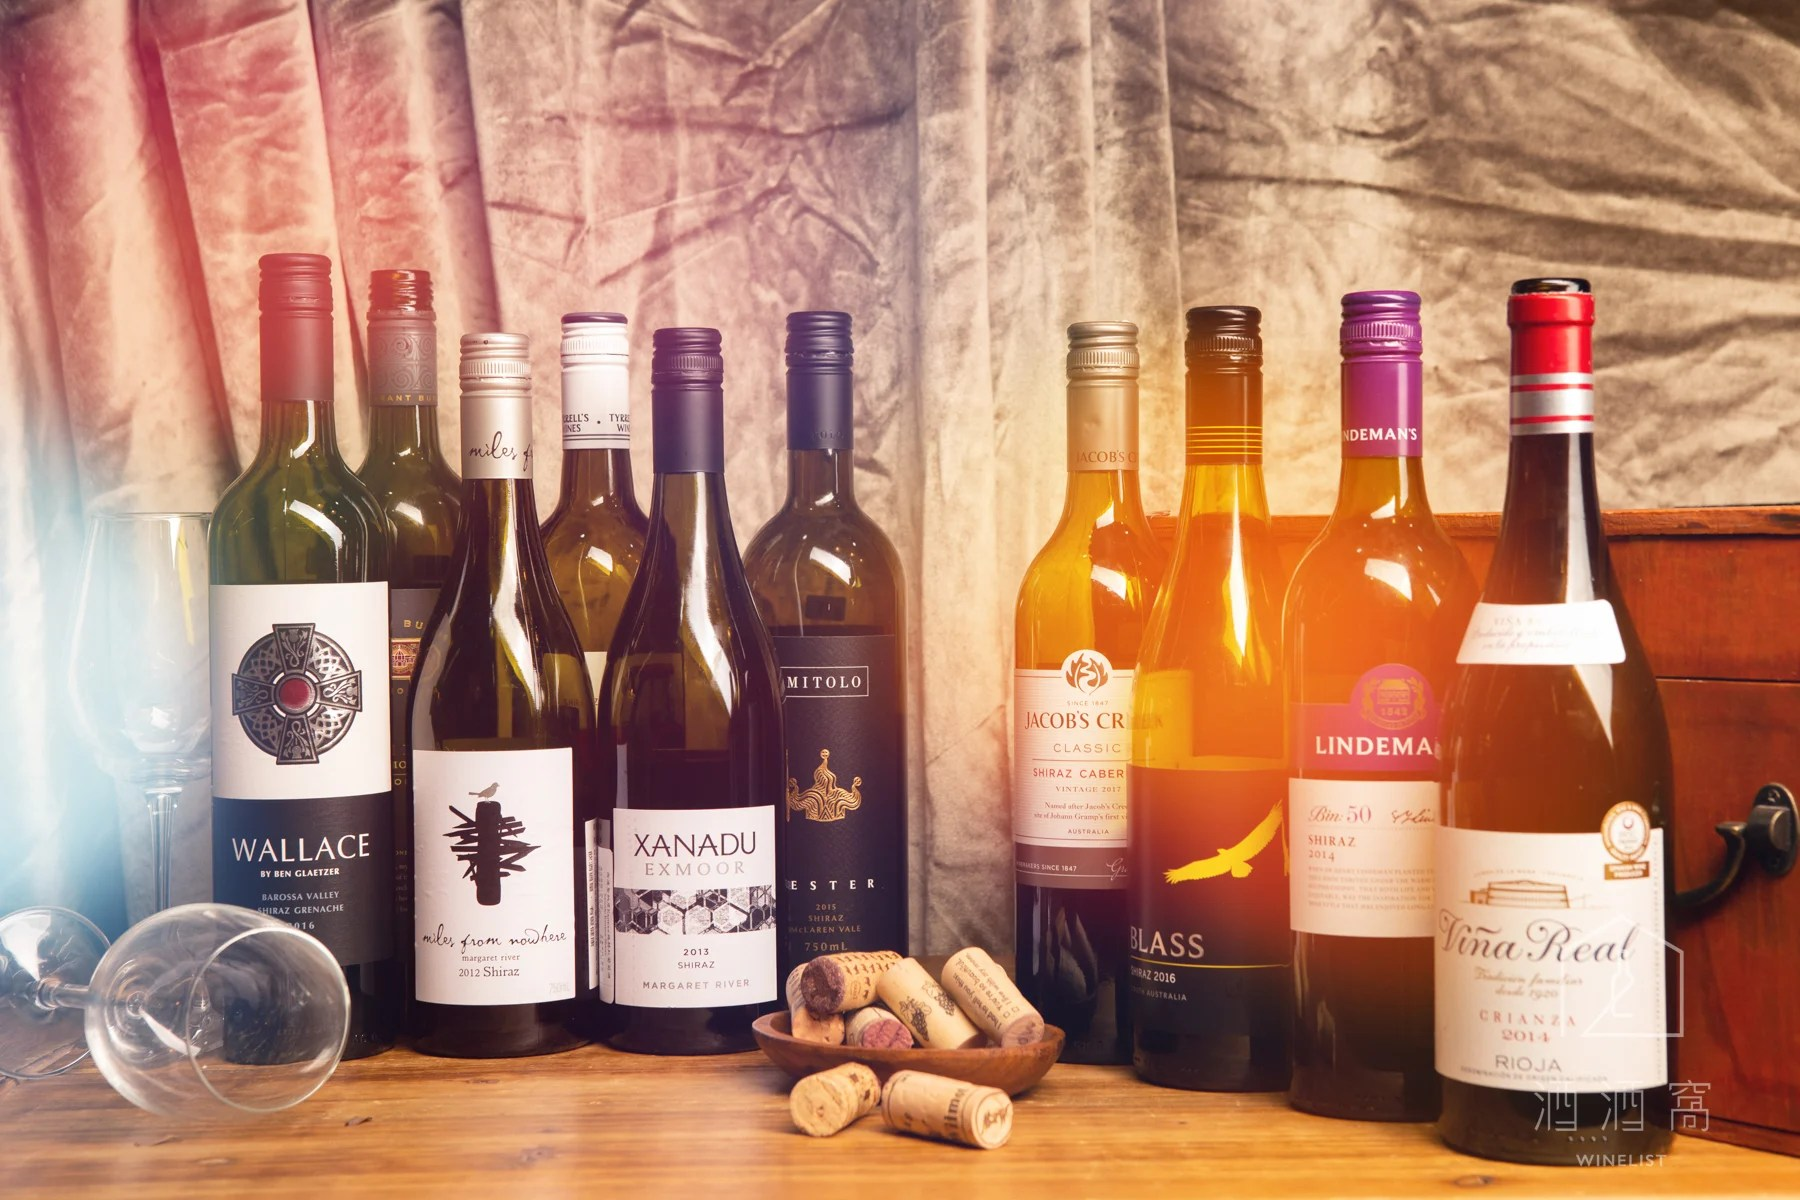 紅酒界的陽光肌肉男:澳洲Shiraz紅酒 | 主題酒單 | 酒酒窩